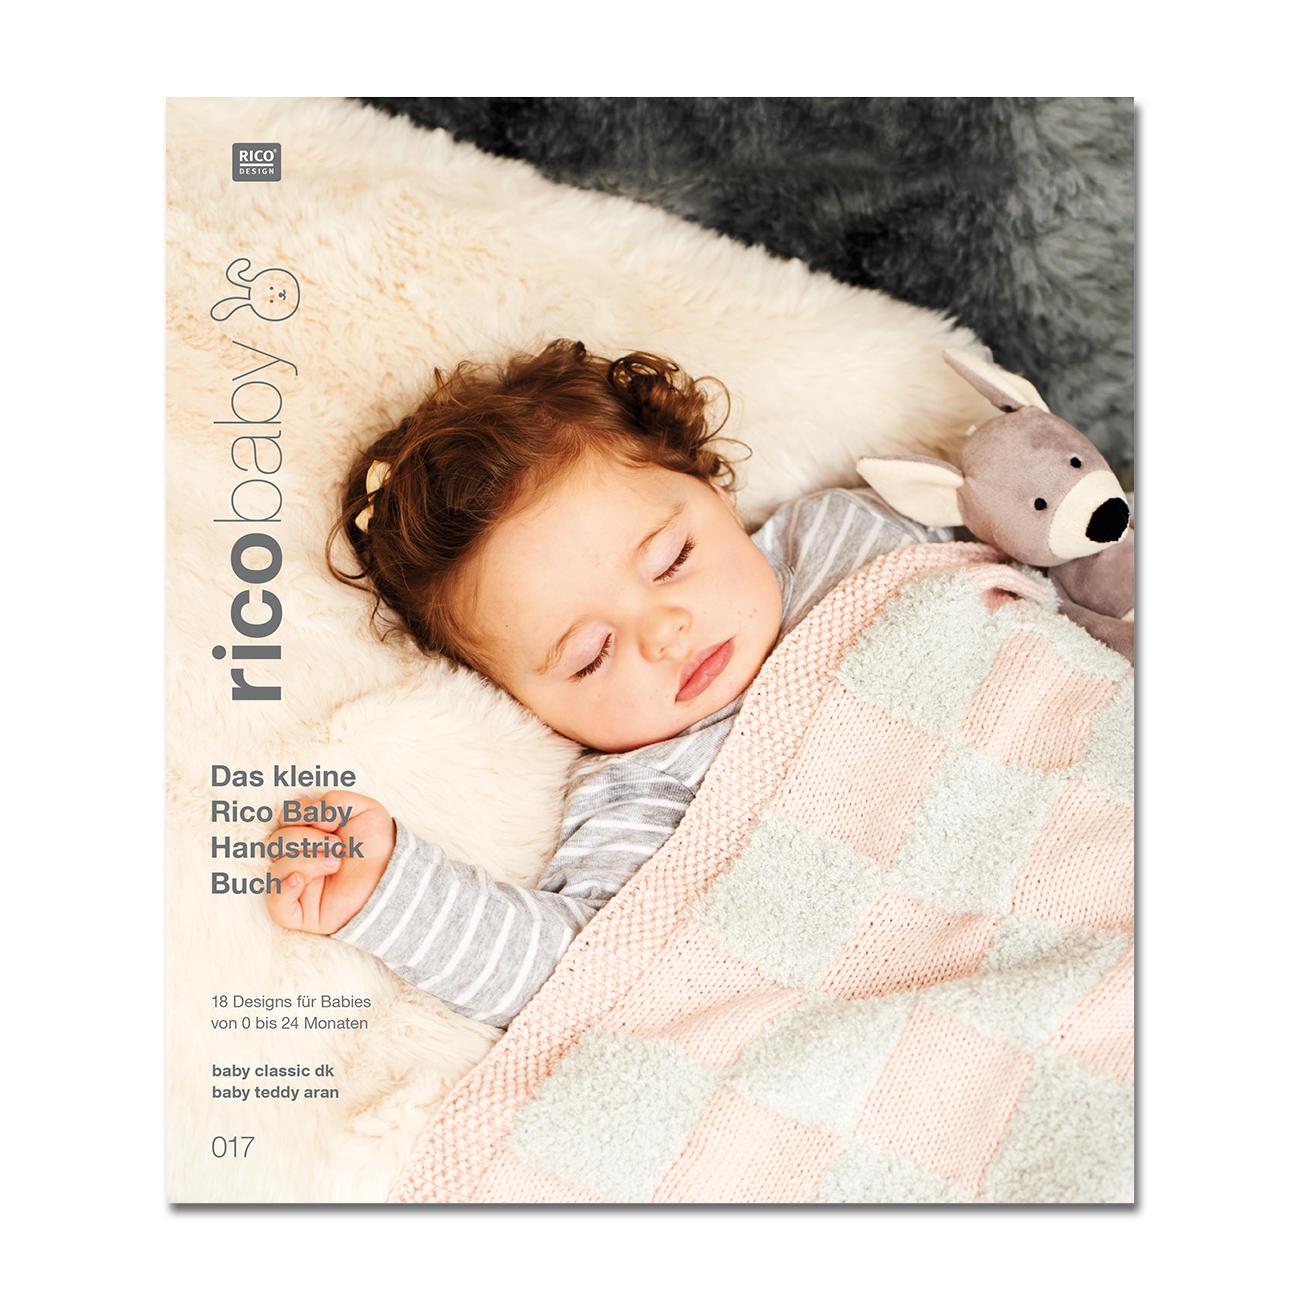 Großartig Baby Buch Vorlagen Ideen - Beispielzusammenfassung Ideen ...